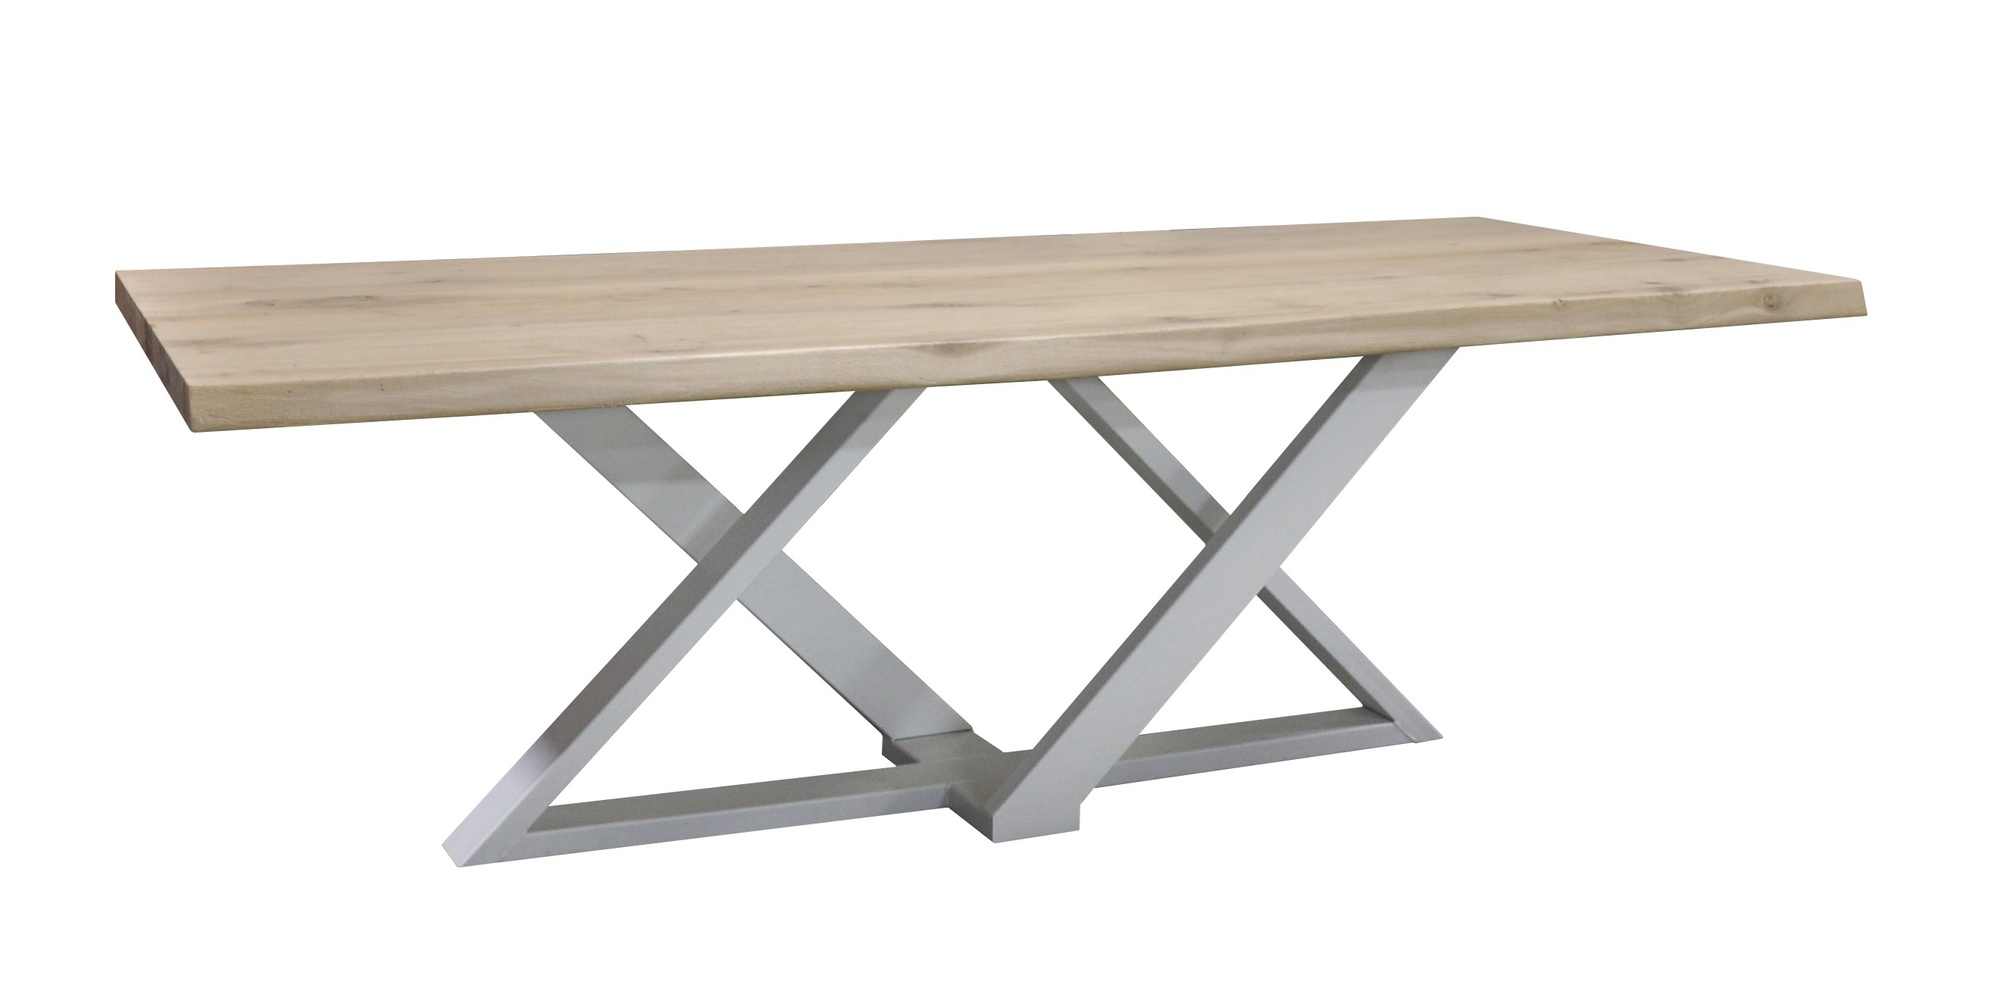 Eetkamertafel-Zens-metaalonderstel-boomstamblad-massiefeiken-gladblad-uniekonderstel-diversekleuren-tafelopmaat-robuust-wit